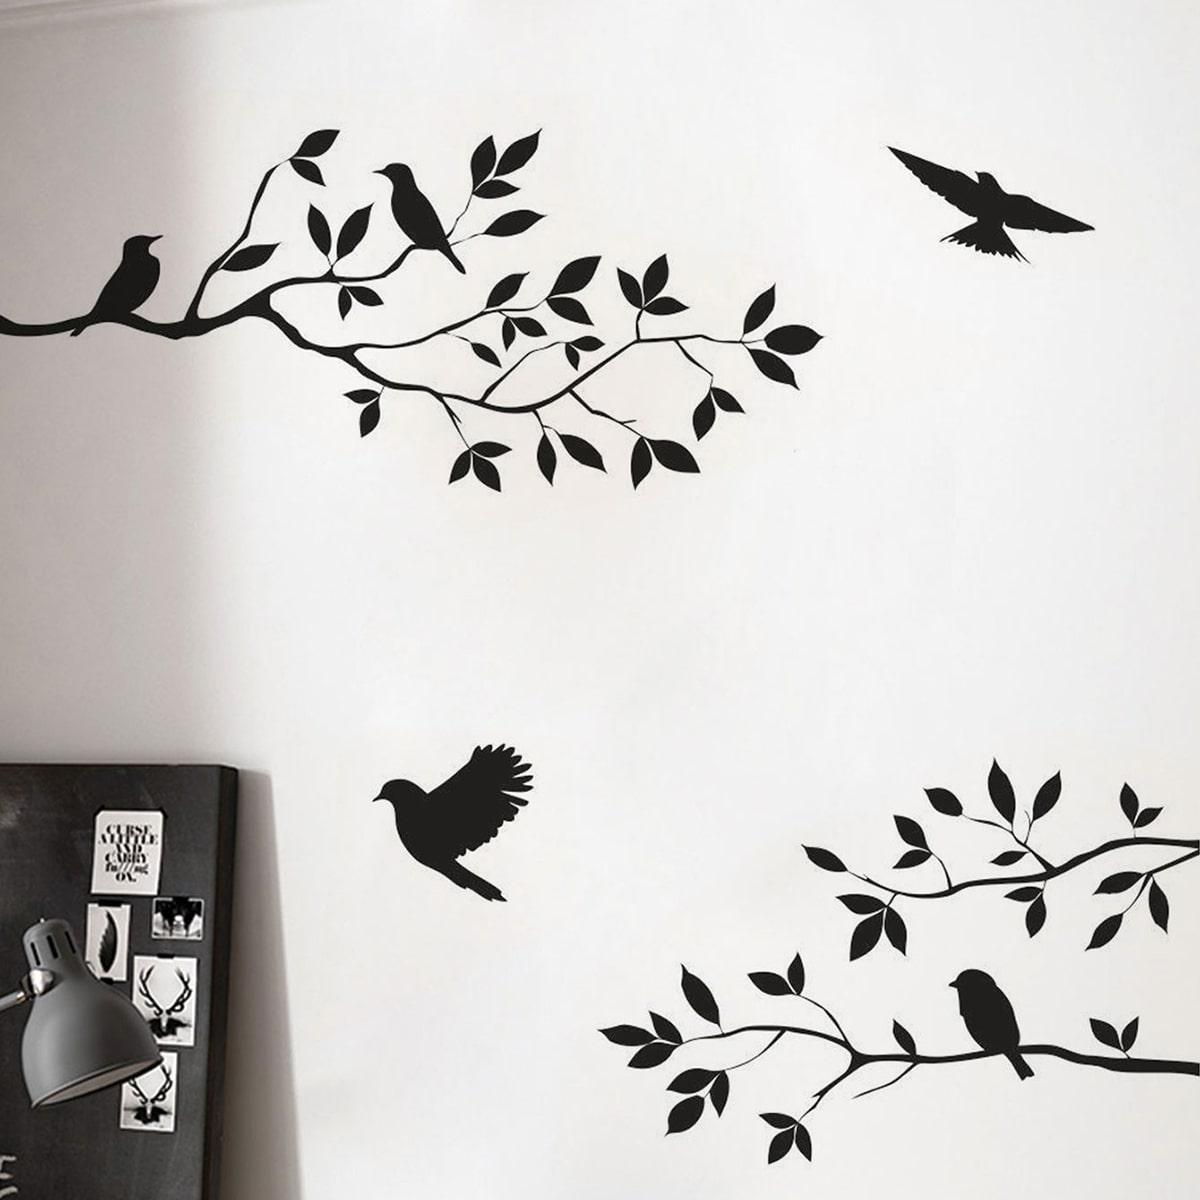 Стикер для стены с принтом птицы и дерева